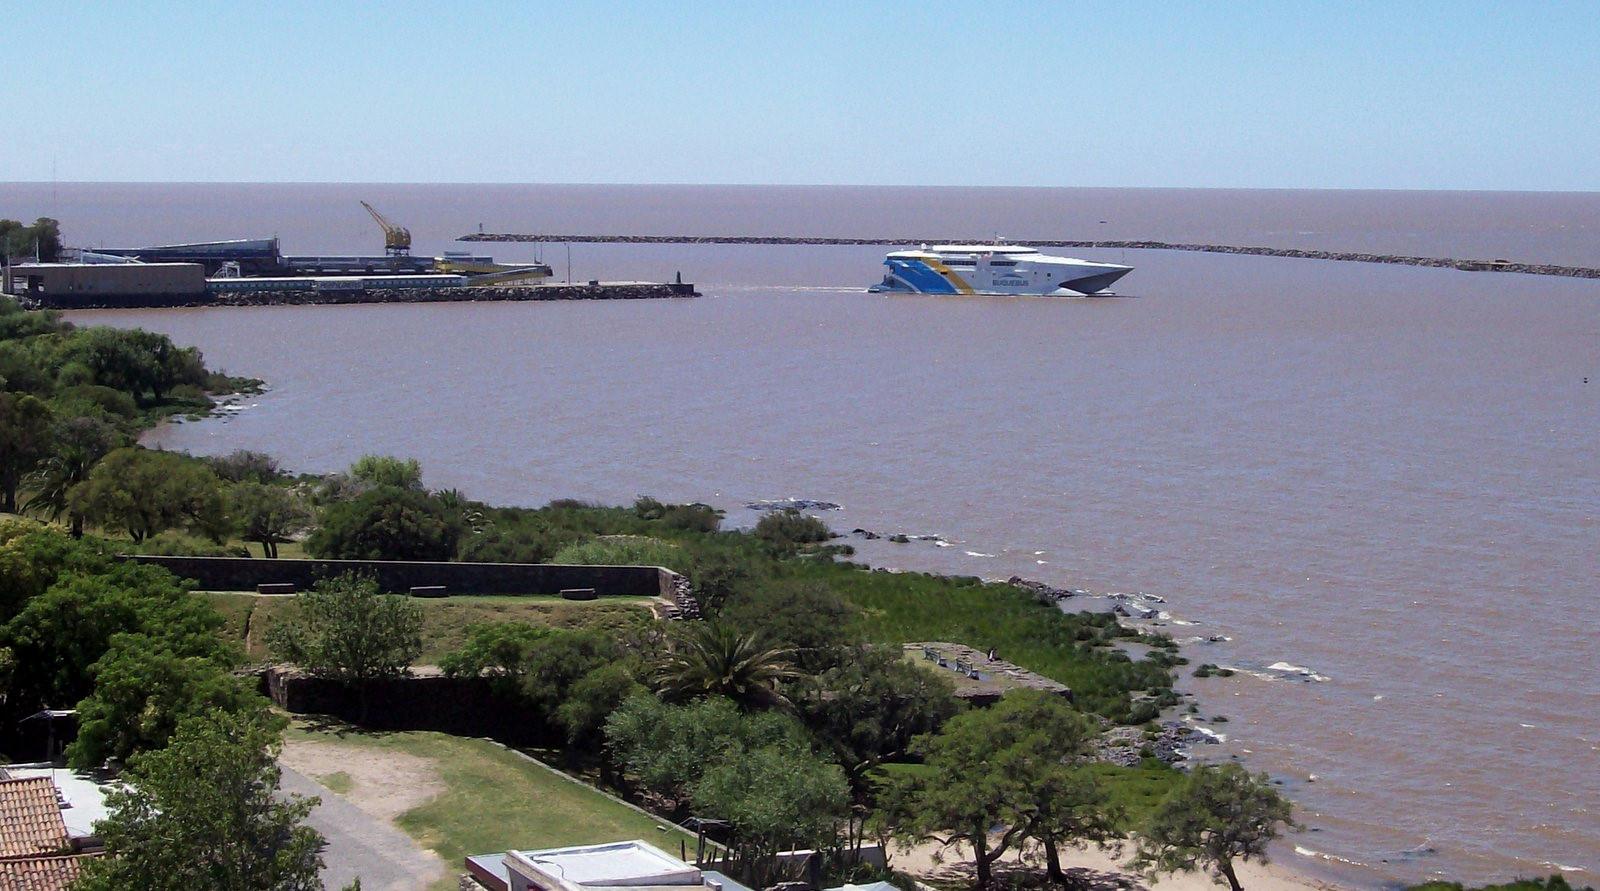 Schnellfähre auf dem Rio de la Plata